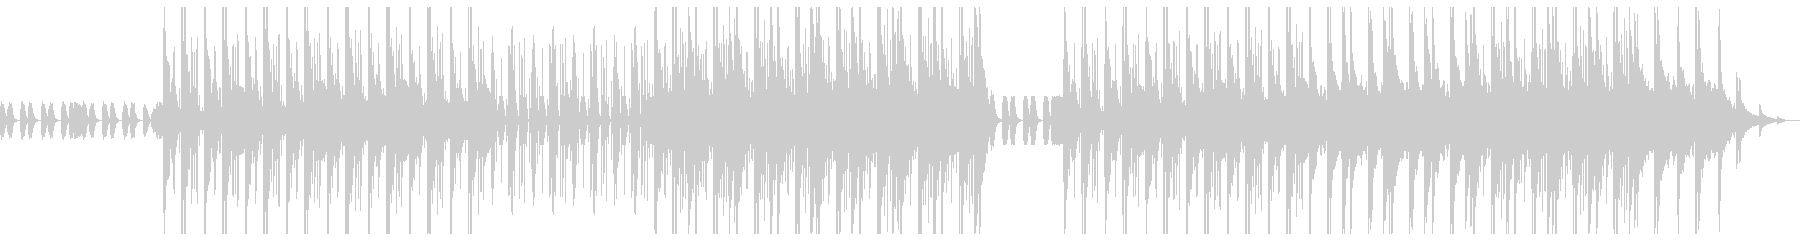 ダークな雰囲気のトラップビート ピアノの未再生の波形